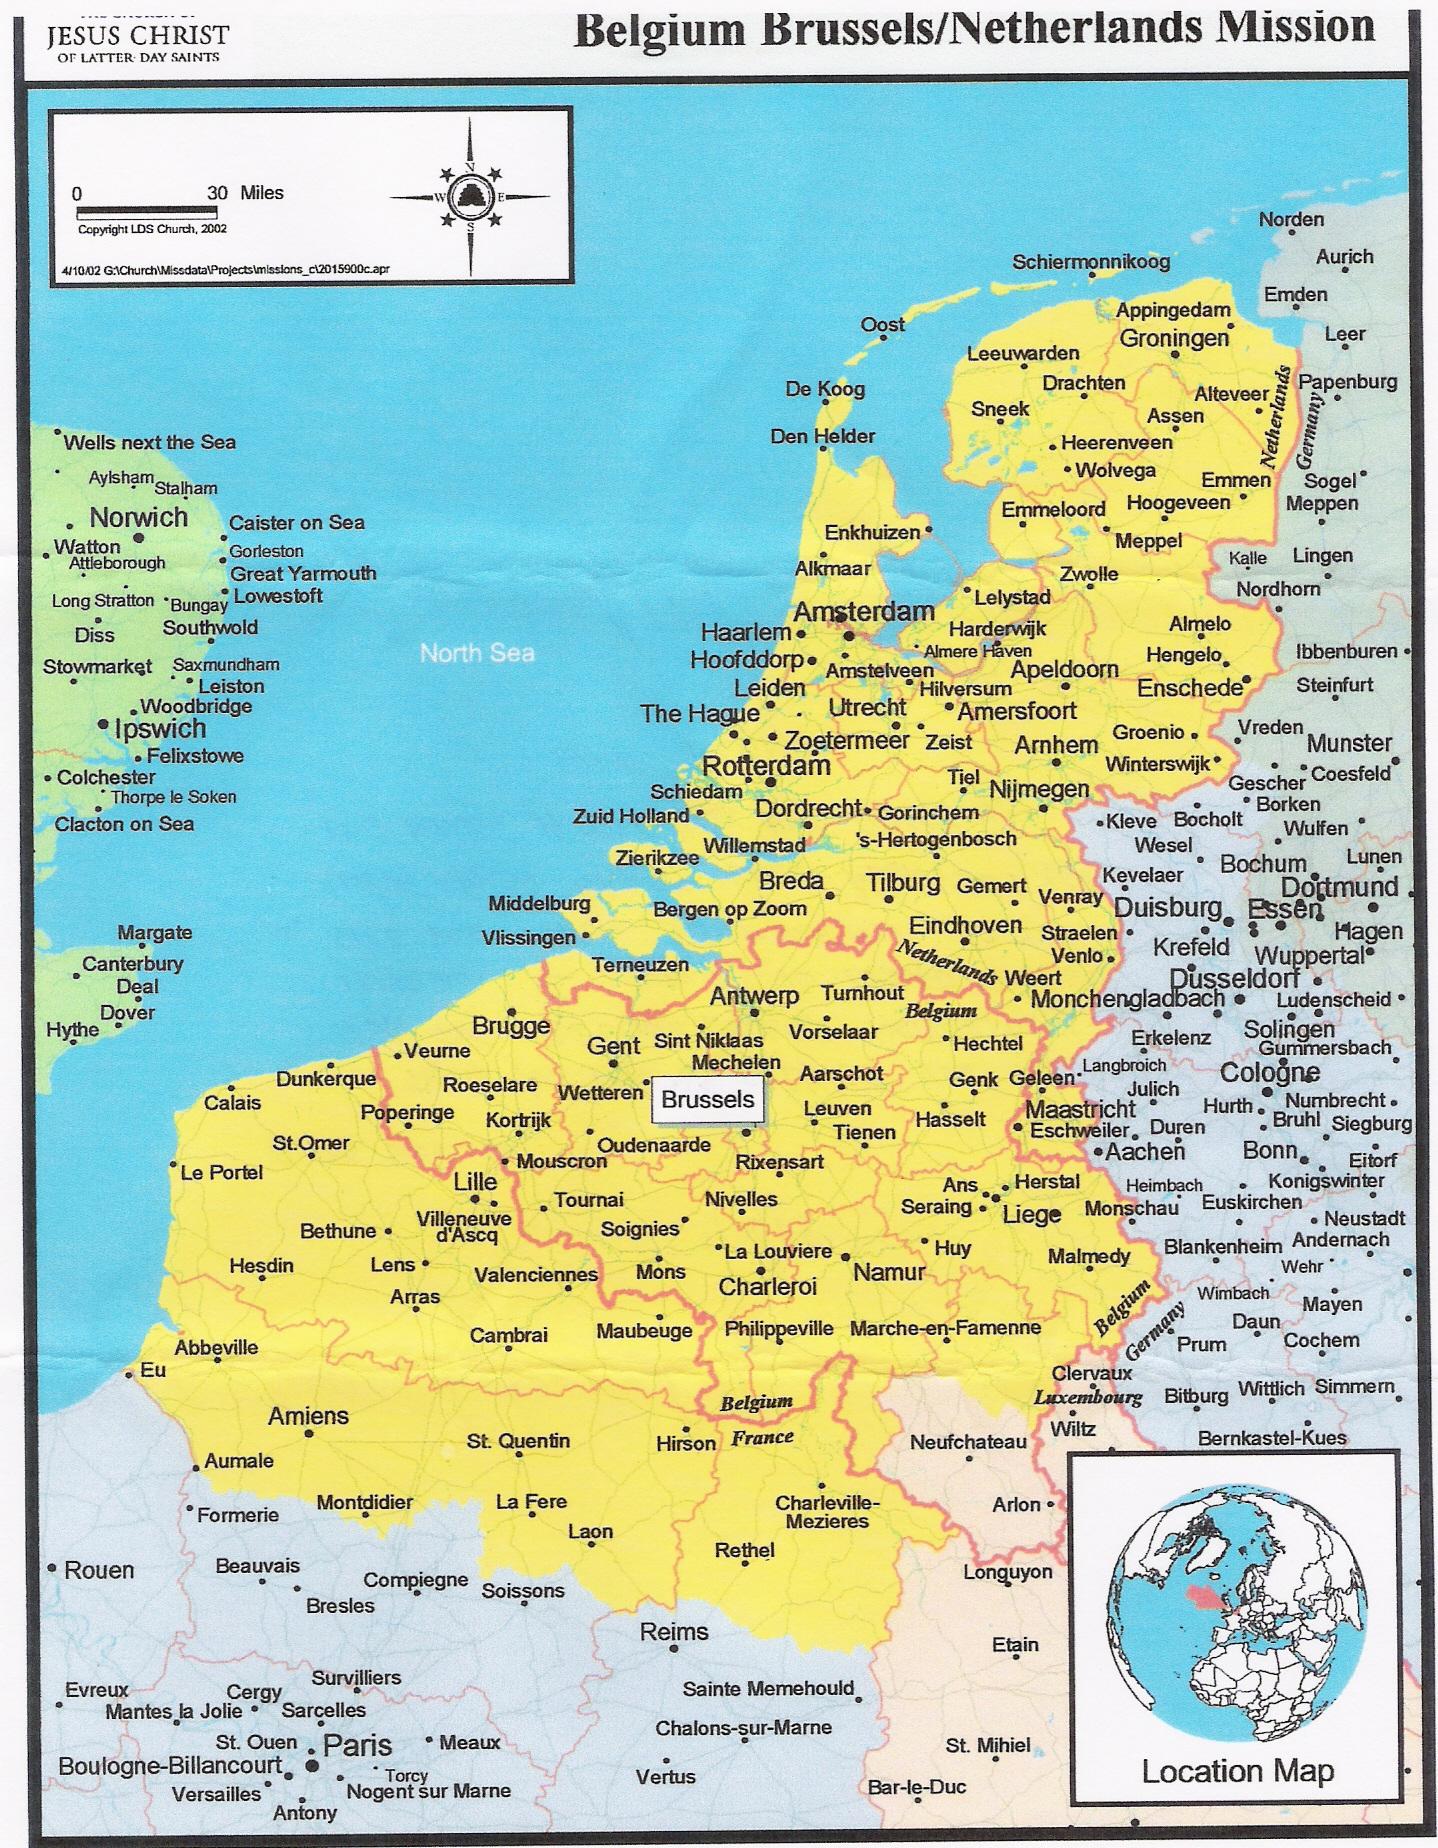 Belgium BrusselsNetherlands Mission Info